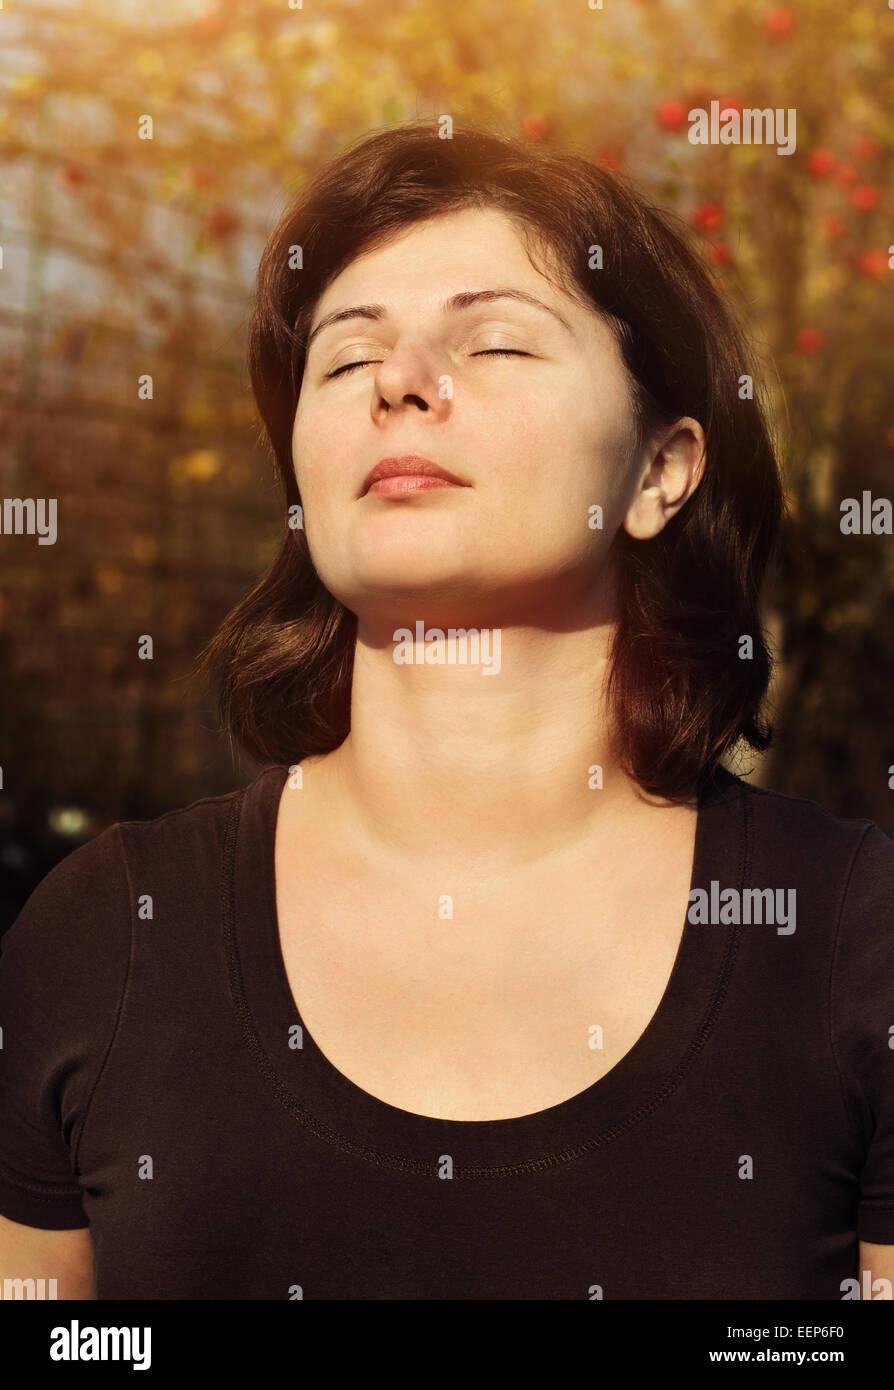 Close up portrait of smiling est belle femme aux yeux clos au cours de la lumière du soleil, la méditation Photo Stock